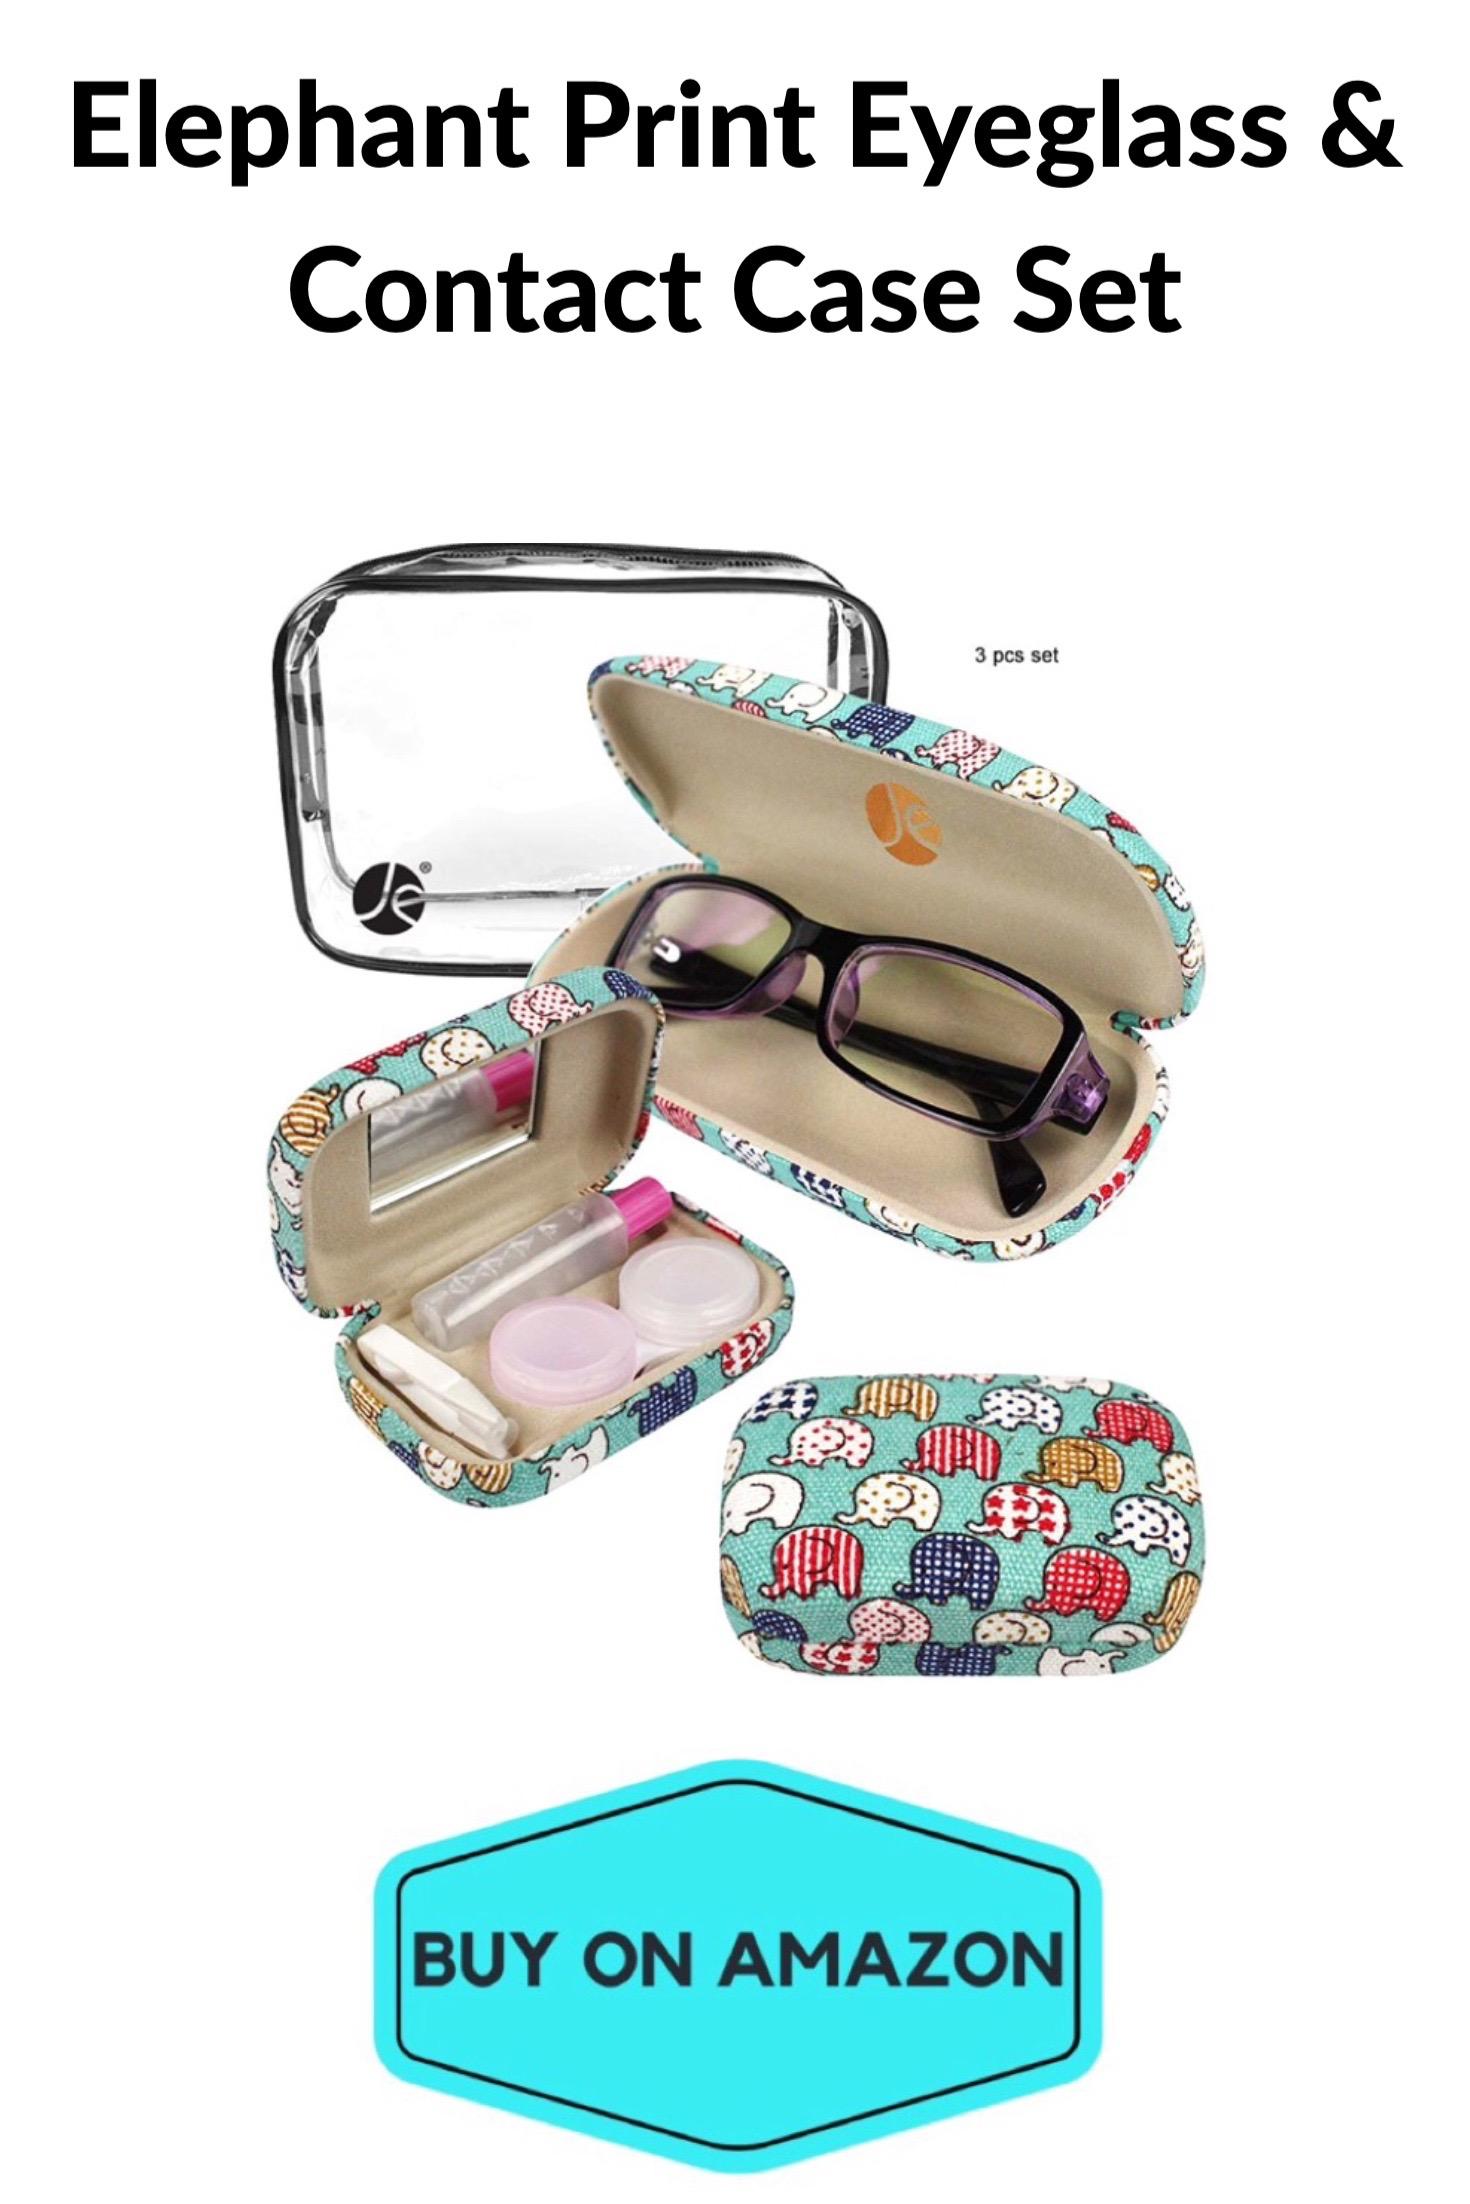 Elephant Print Eyeglass & Contact Case Set